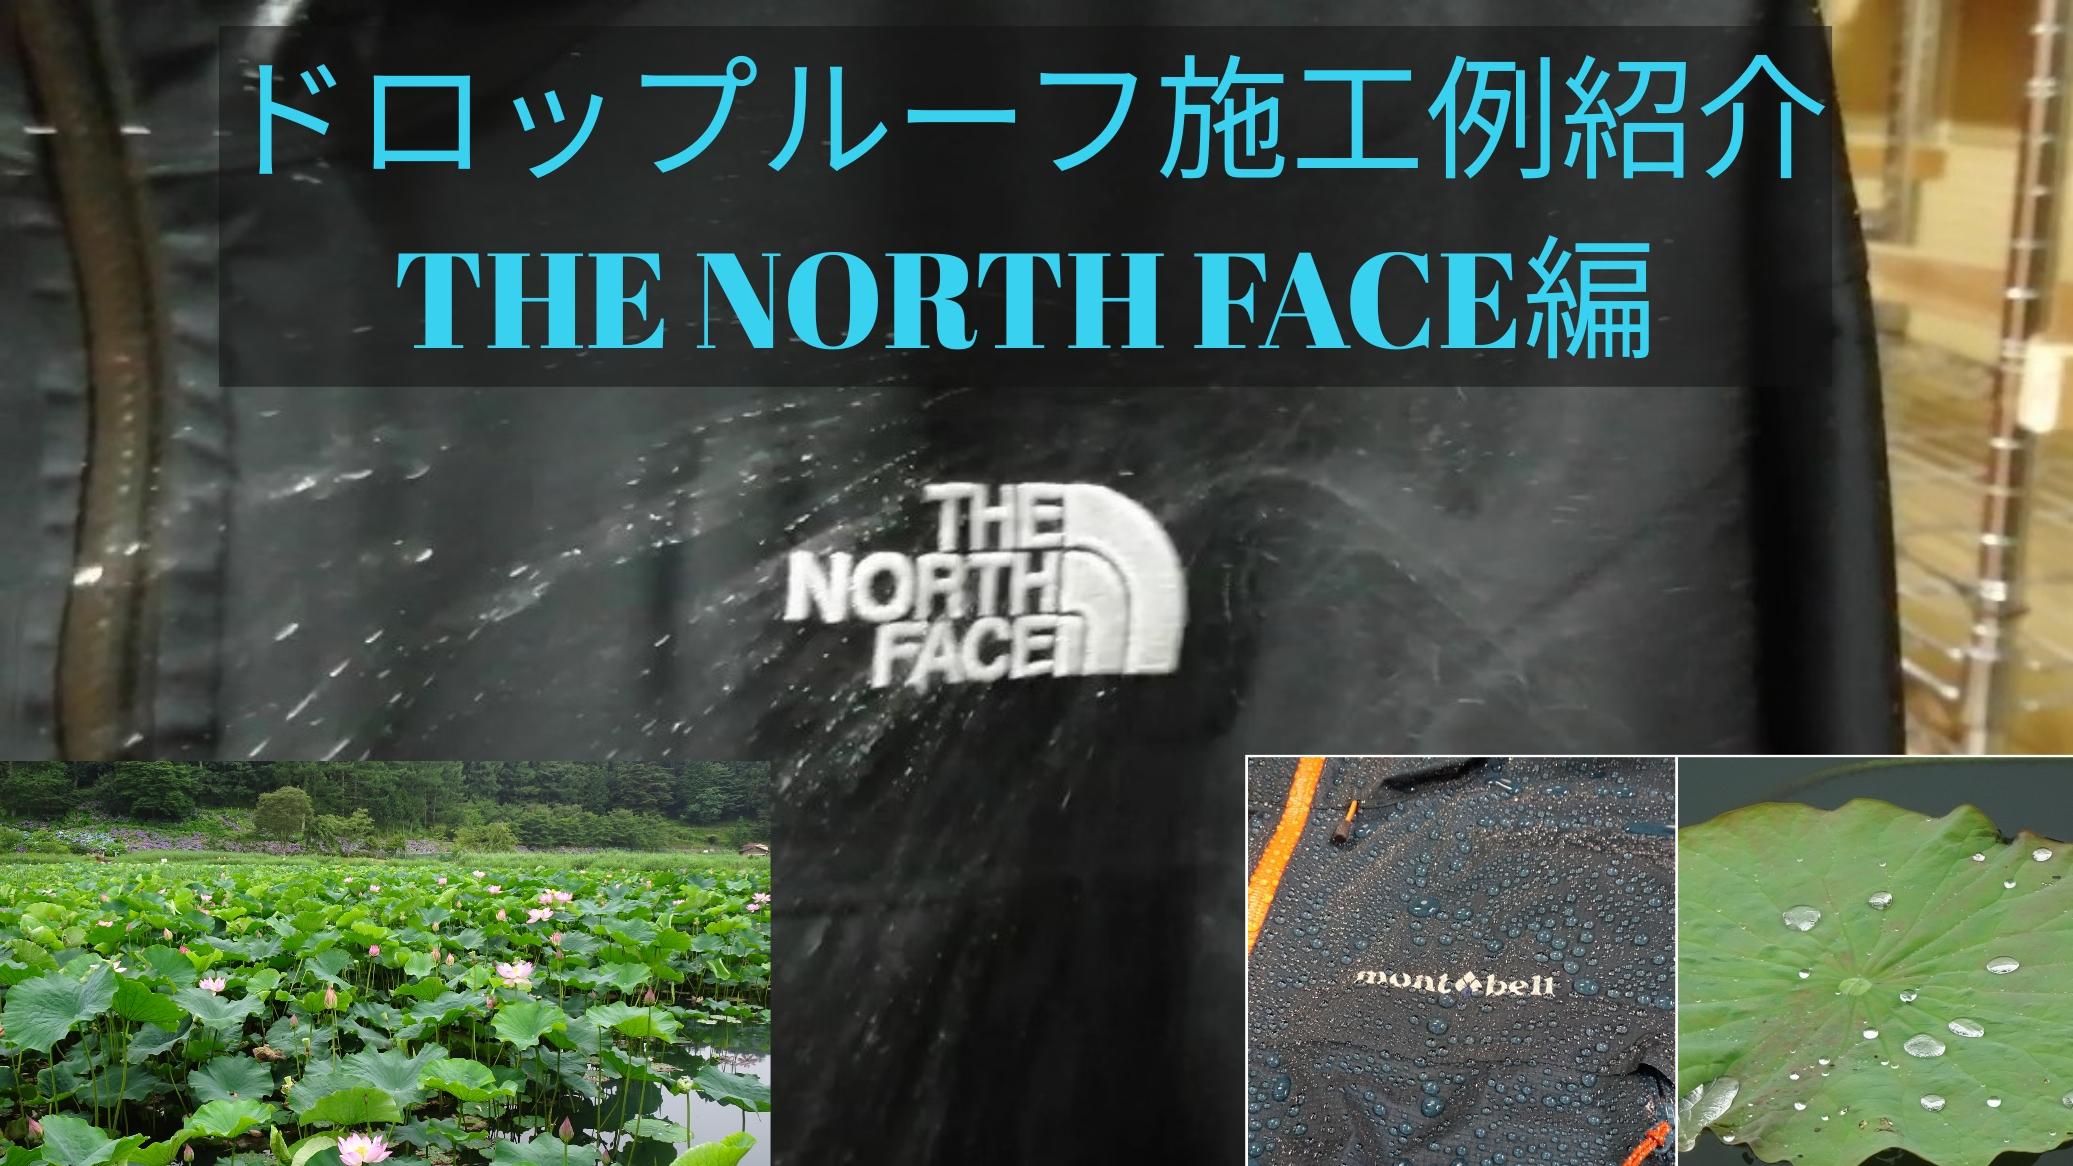 [THE NORTH FACE]ドロップルーフメーカー別撥水施工例紹介!![クリーニング+撥水加工!]